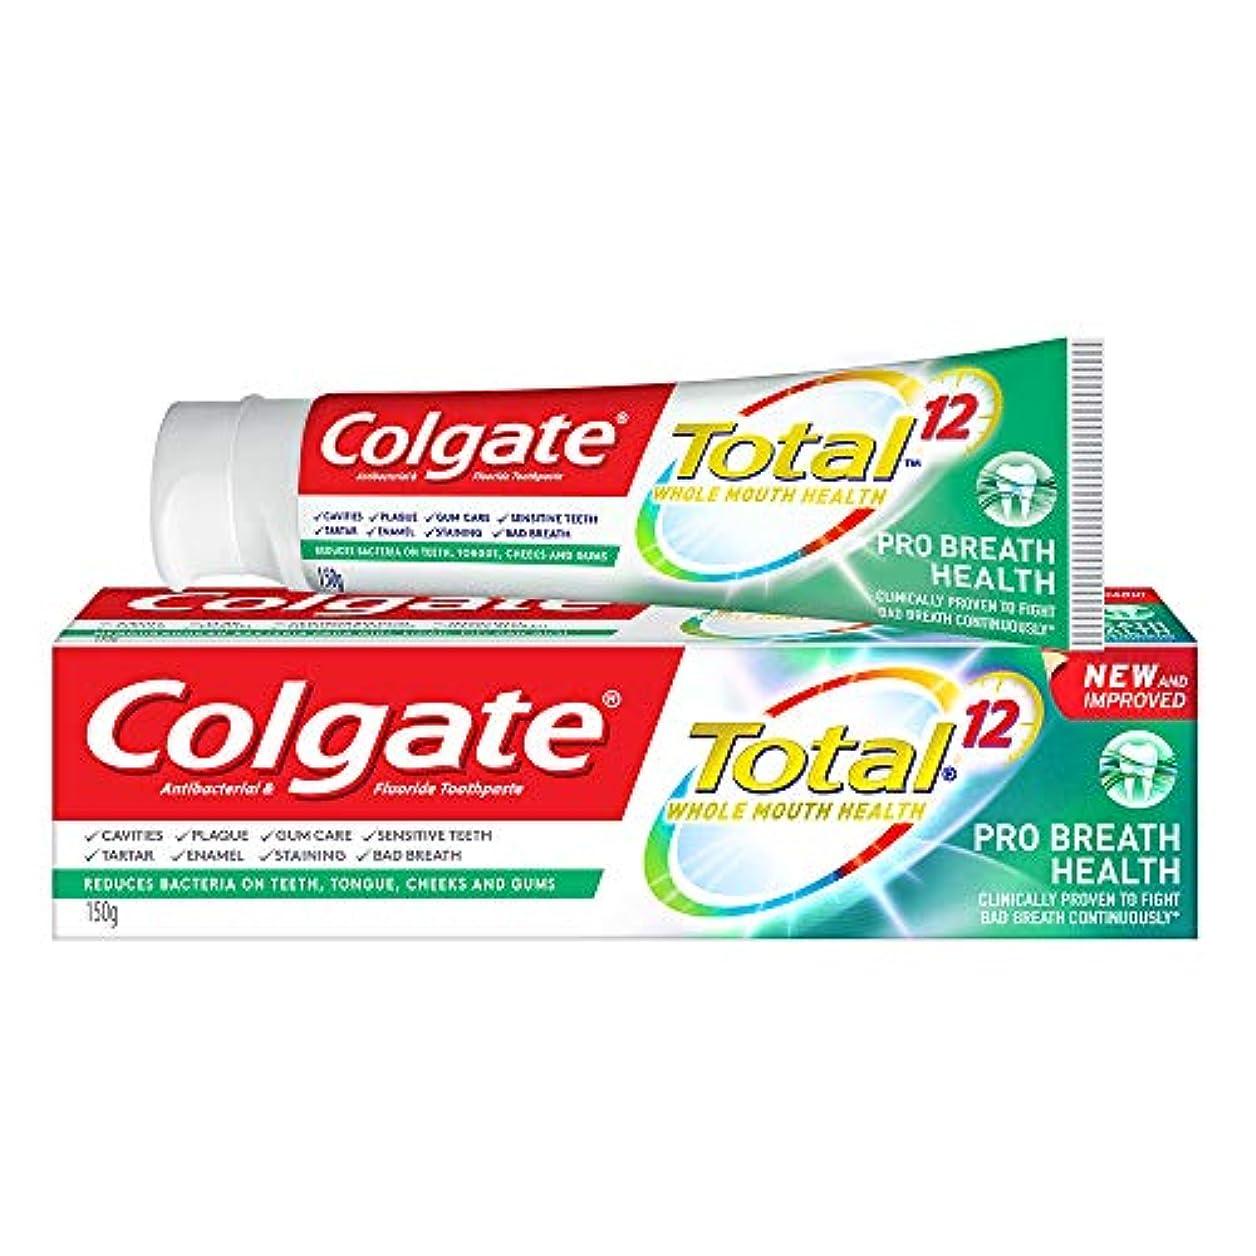 ムス悪質な限りコルゲート Colgate PRO BREATH HEALTH 150g